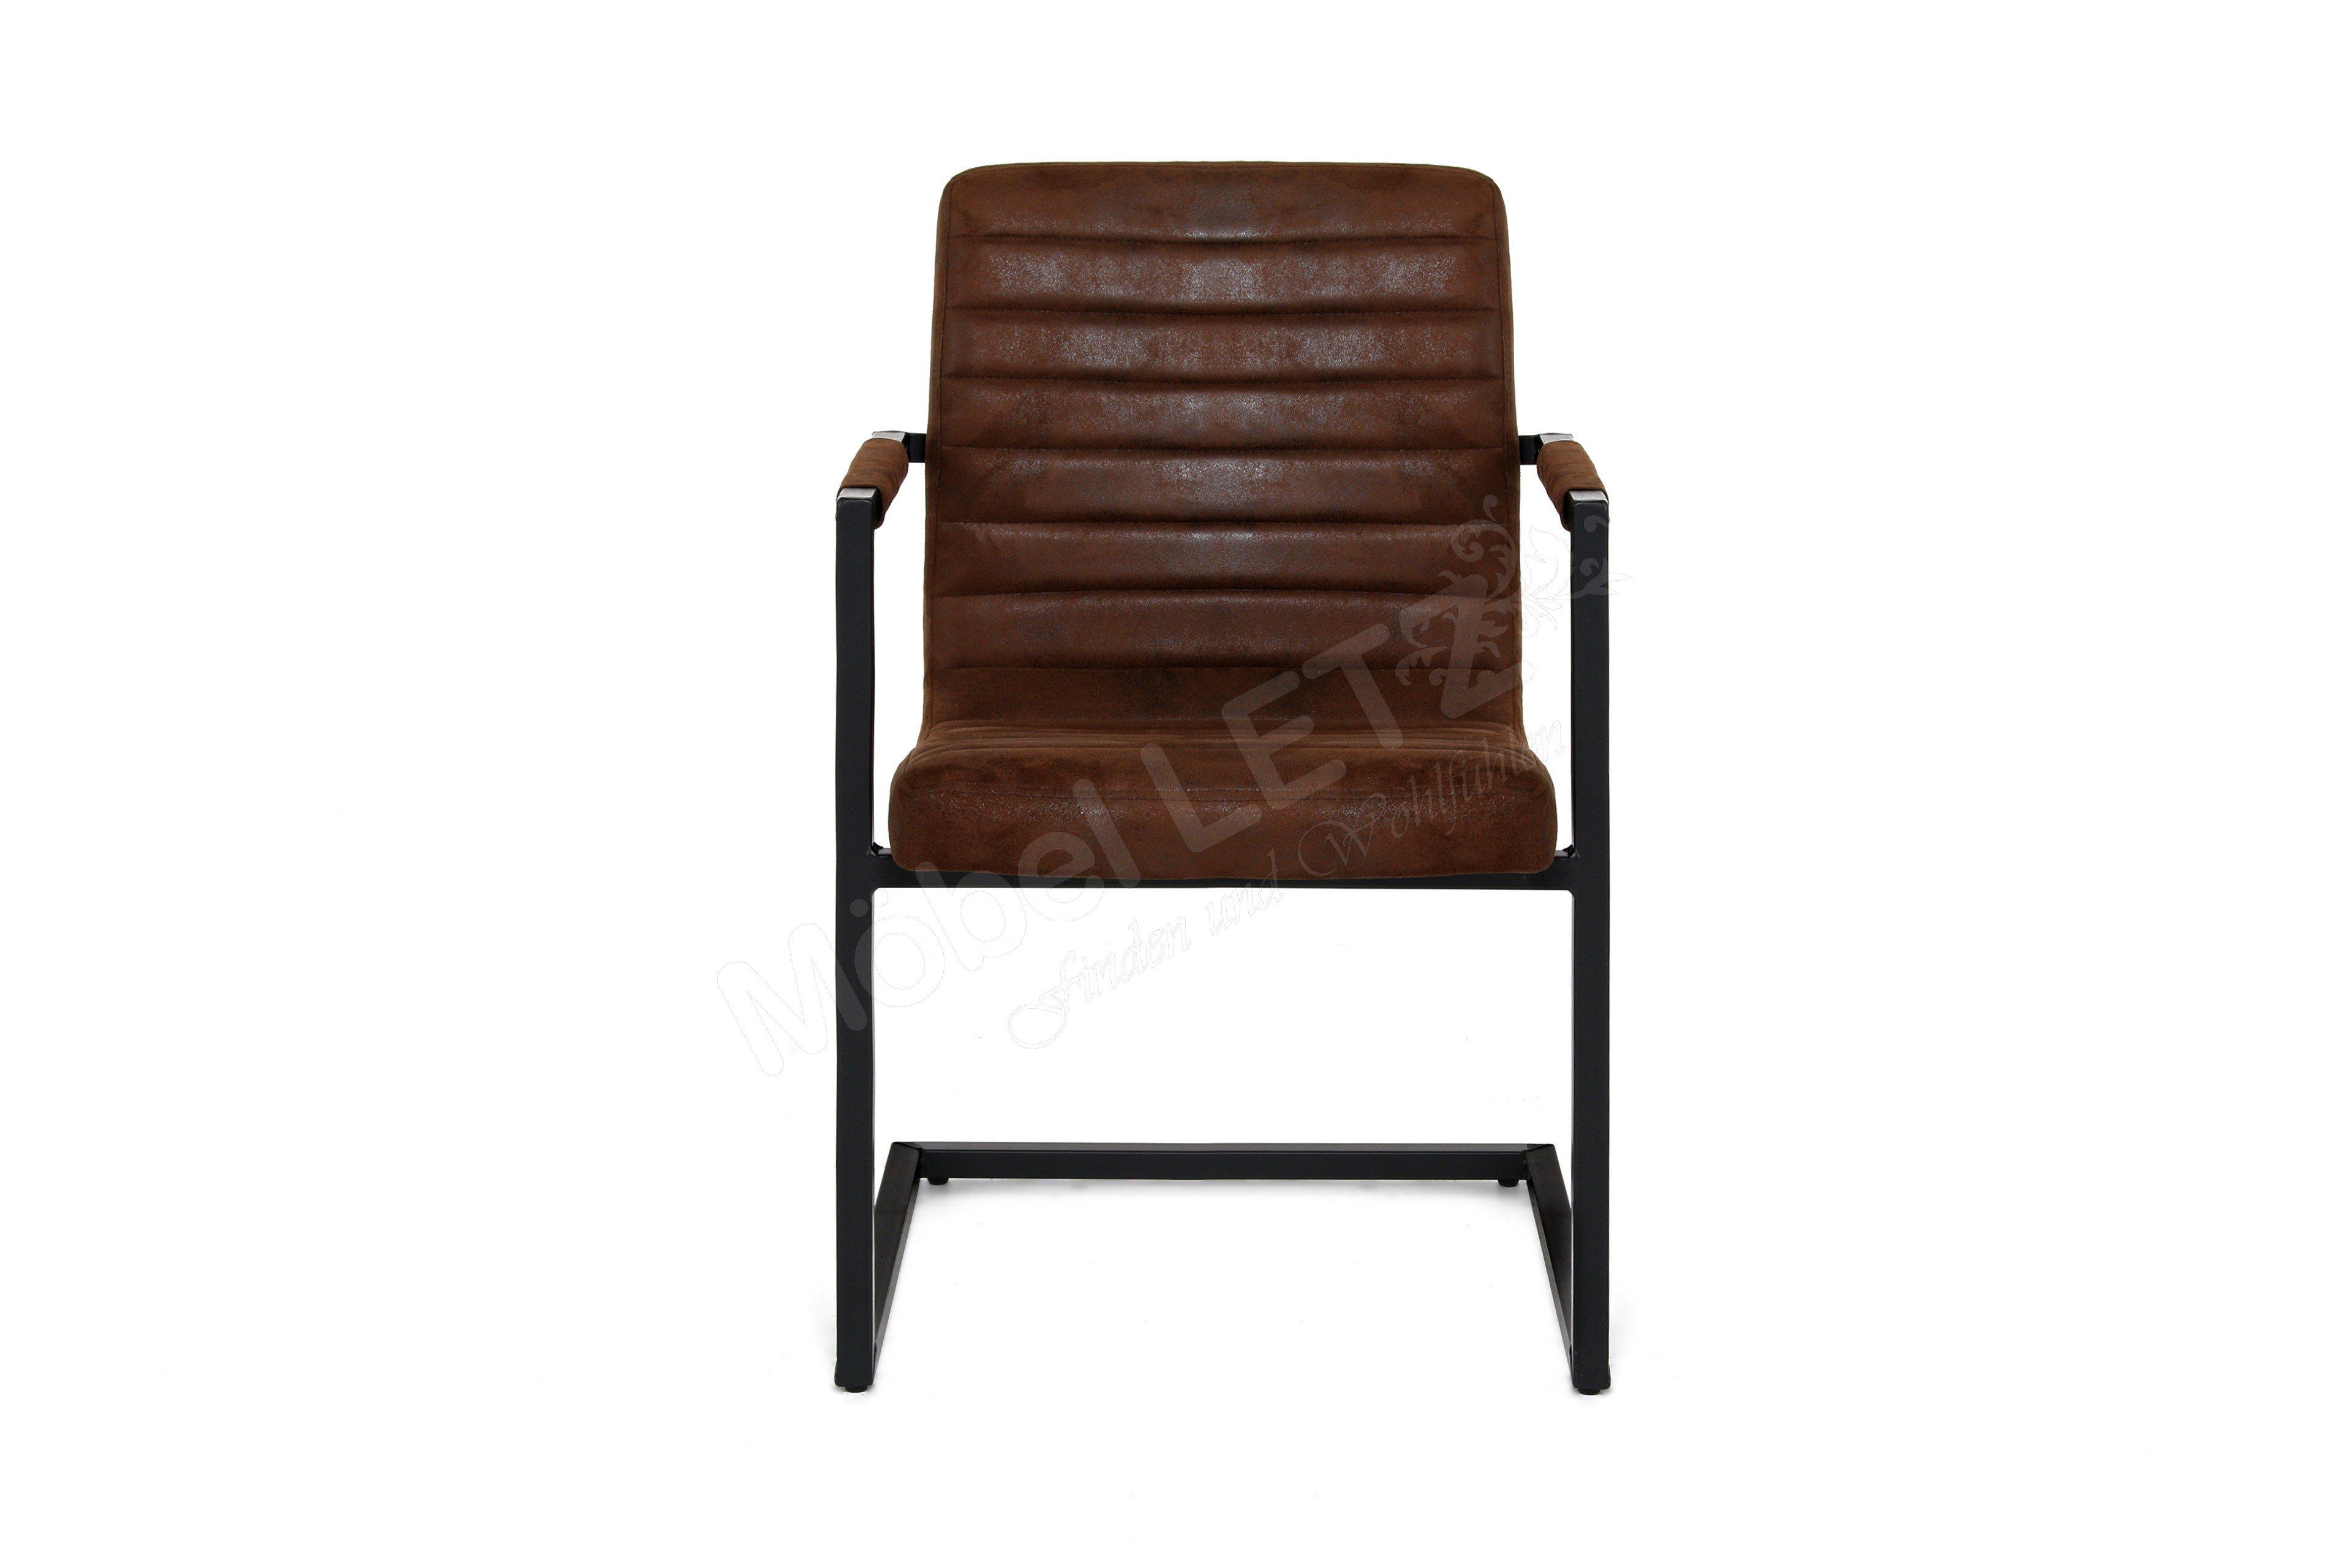 stuhl parzival antik braun m bel letz. Black Bedroom Furniture Sets. Home Design Ideas